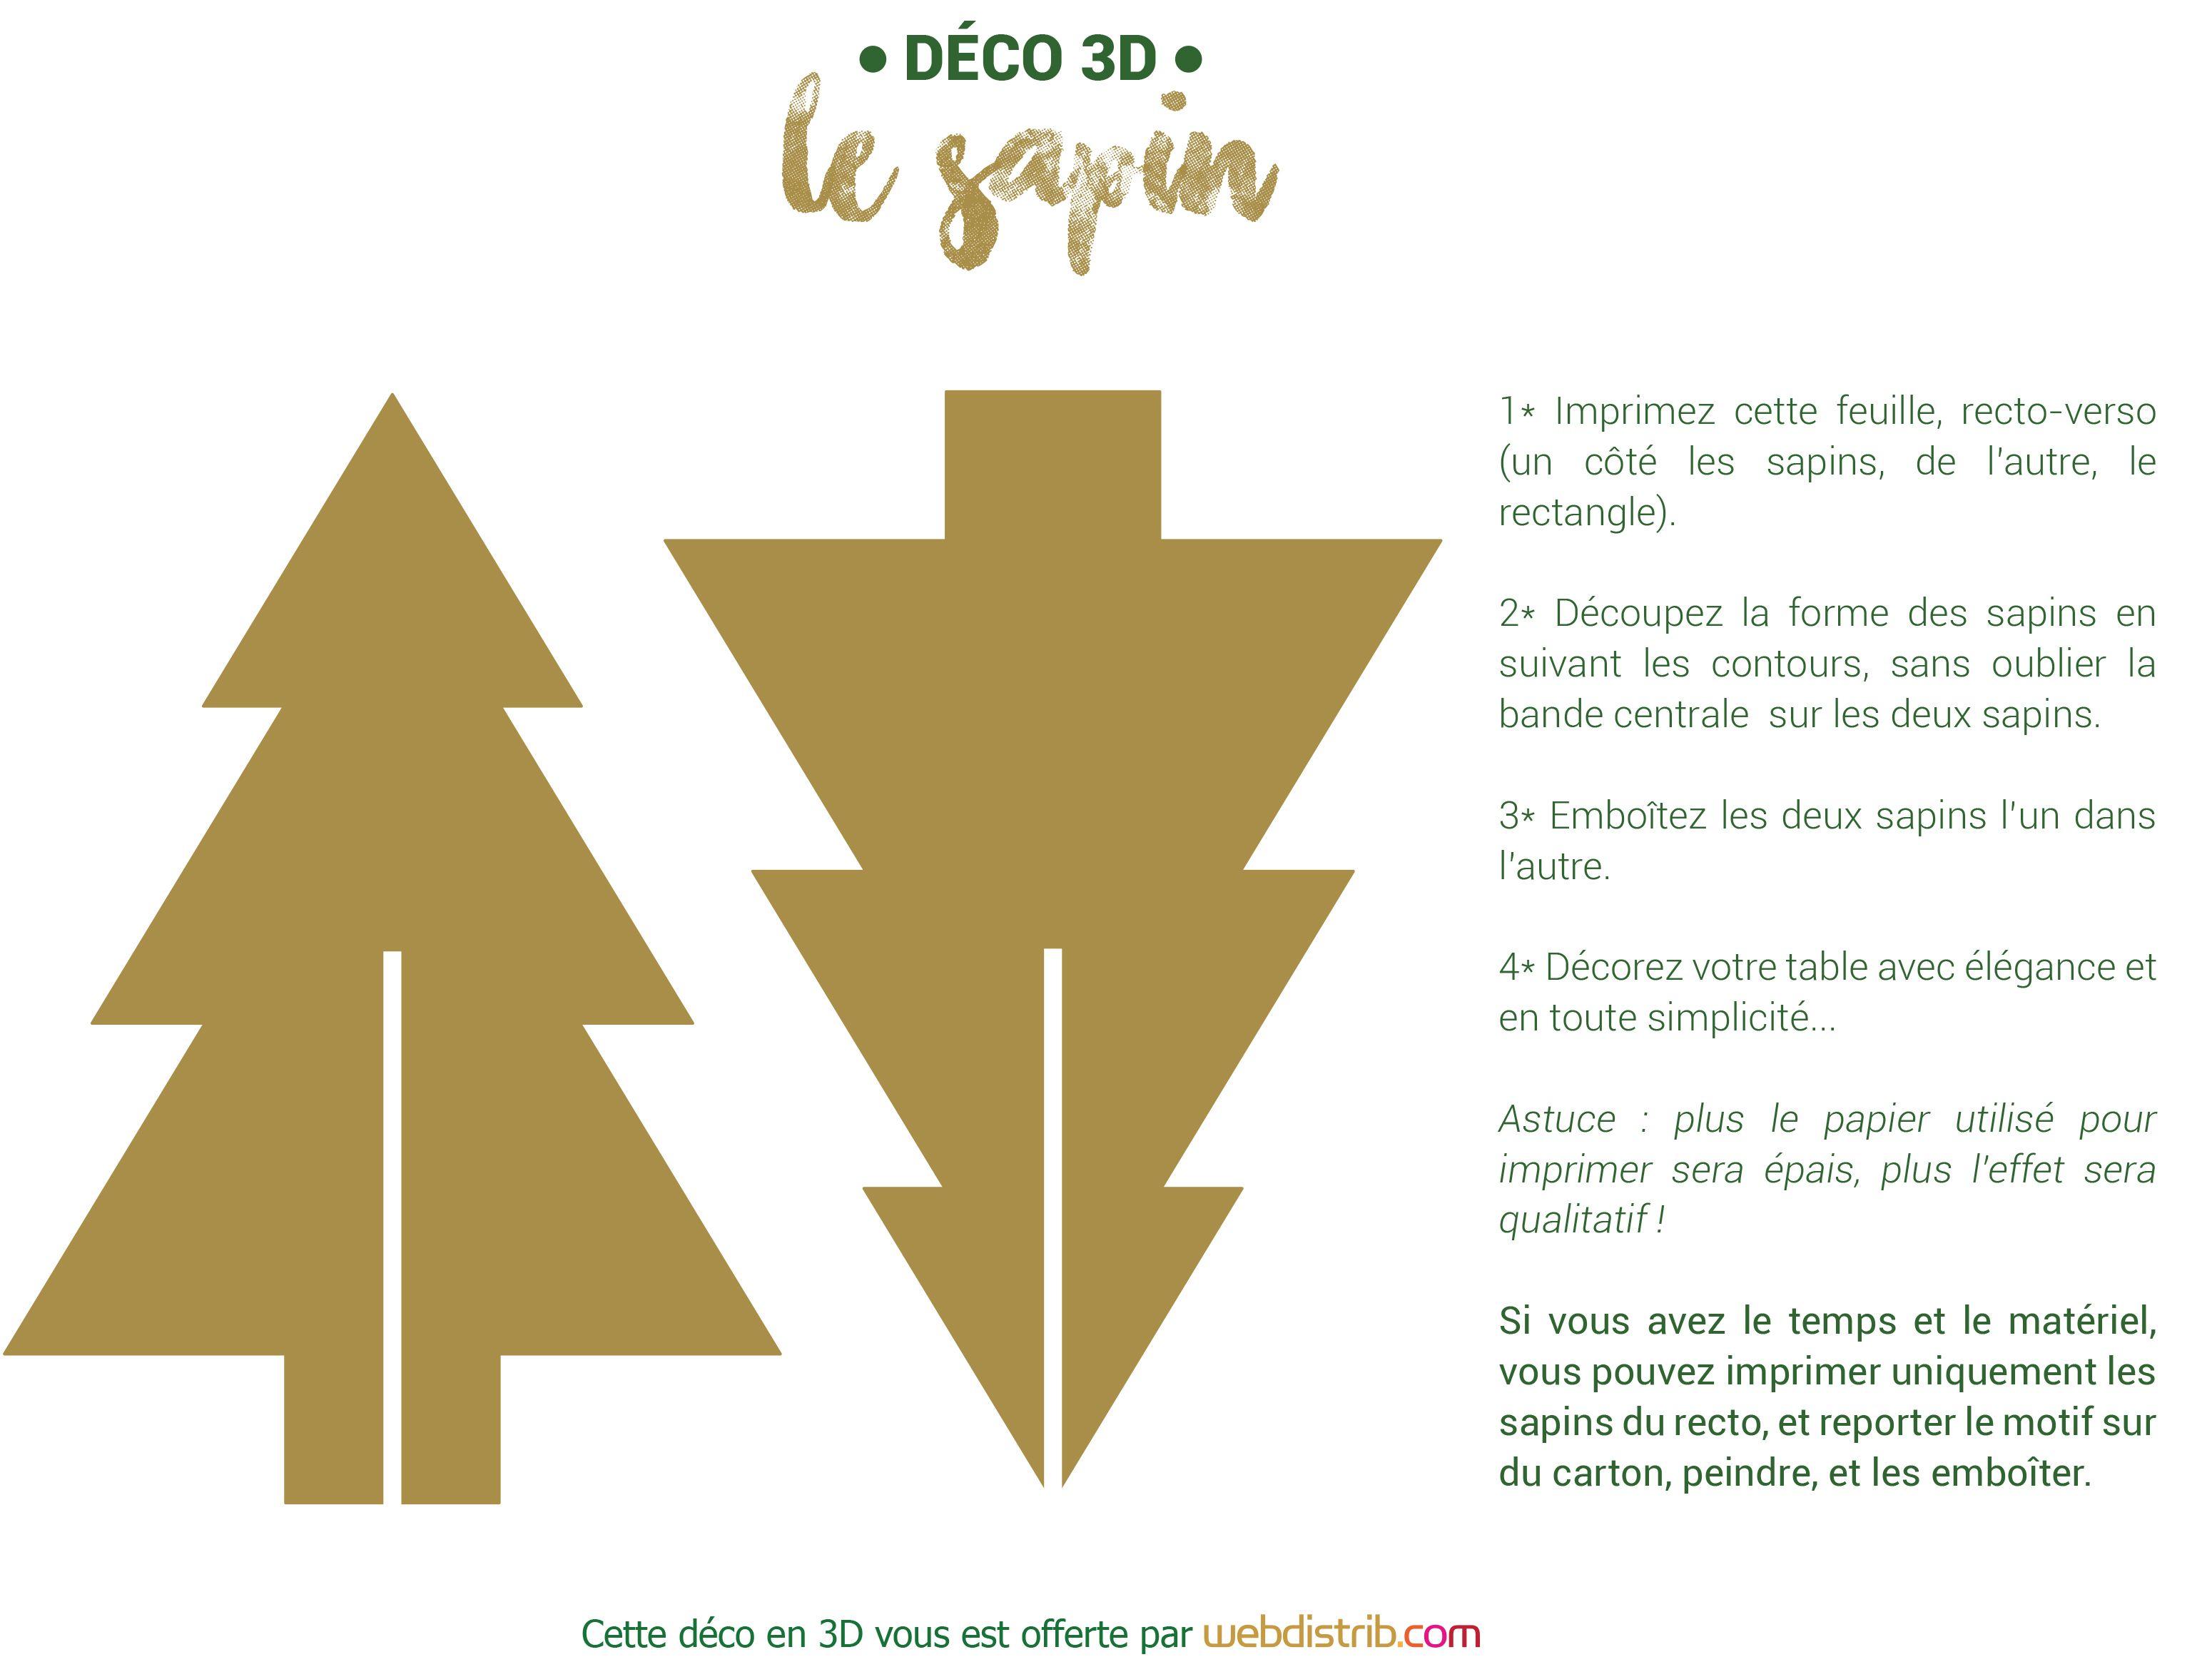 Sapin De Noel 3d A Imprimer Le calendrier de l'avent de Webdistrib | Calendrier de l'avent